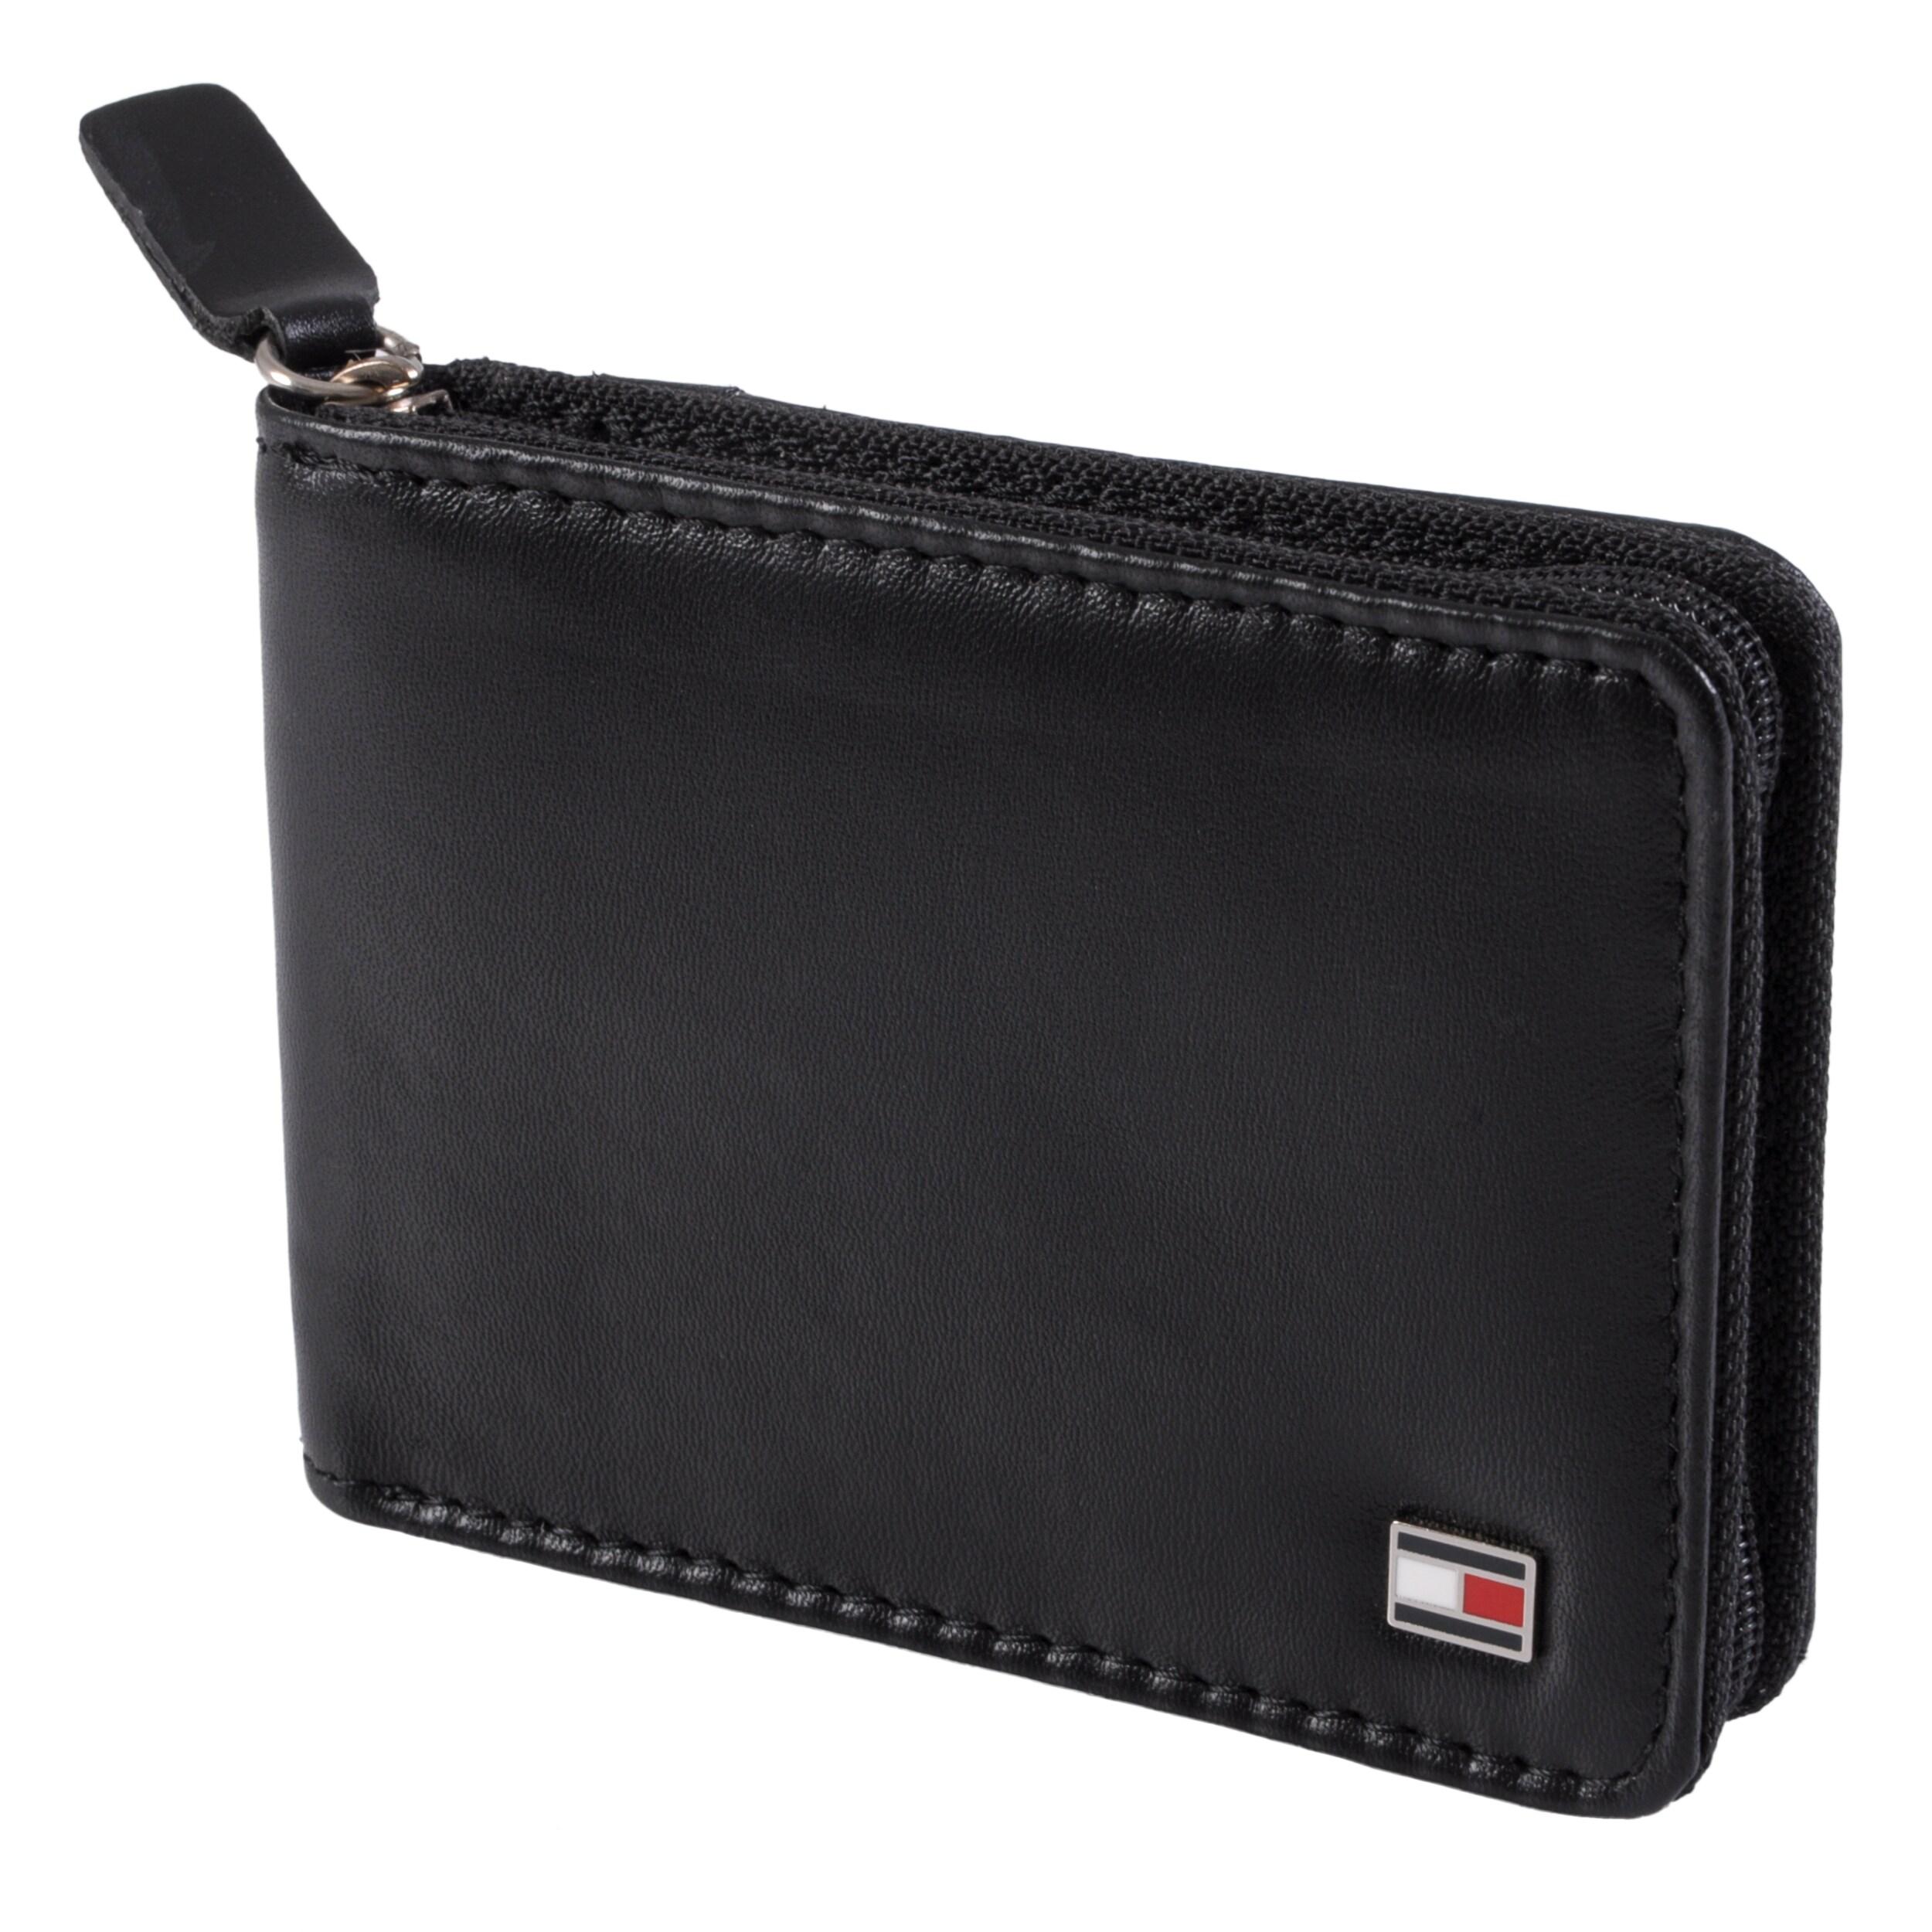 Tommy Hilfiger Men's Genuine Leather Slim Zip-A-Round Wallet